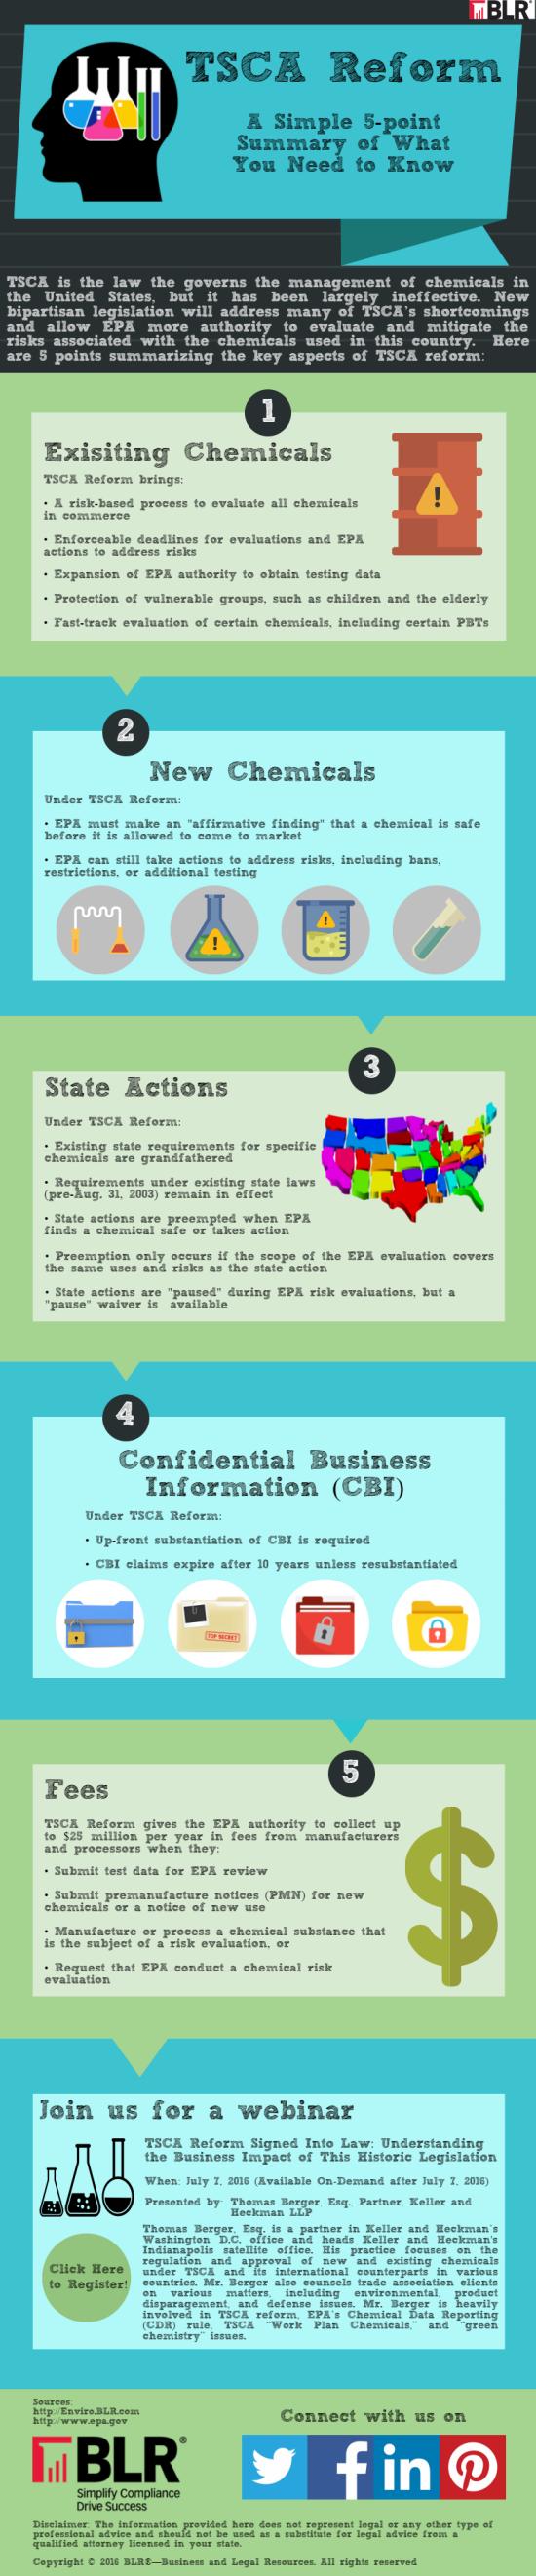 TF-TSCA-reform-info